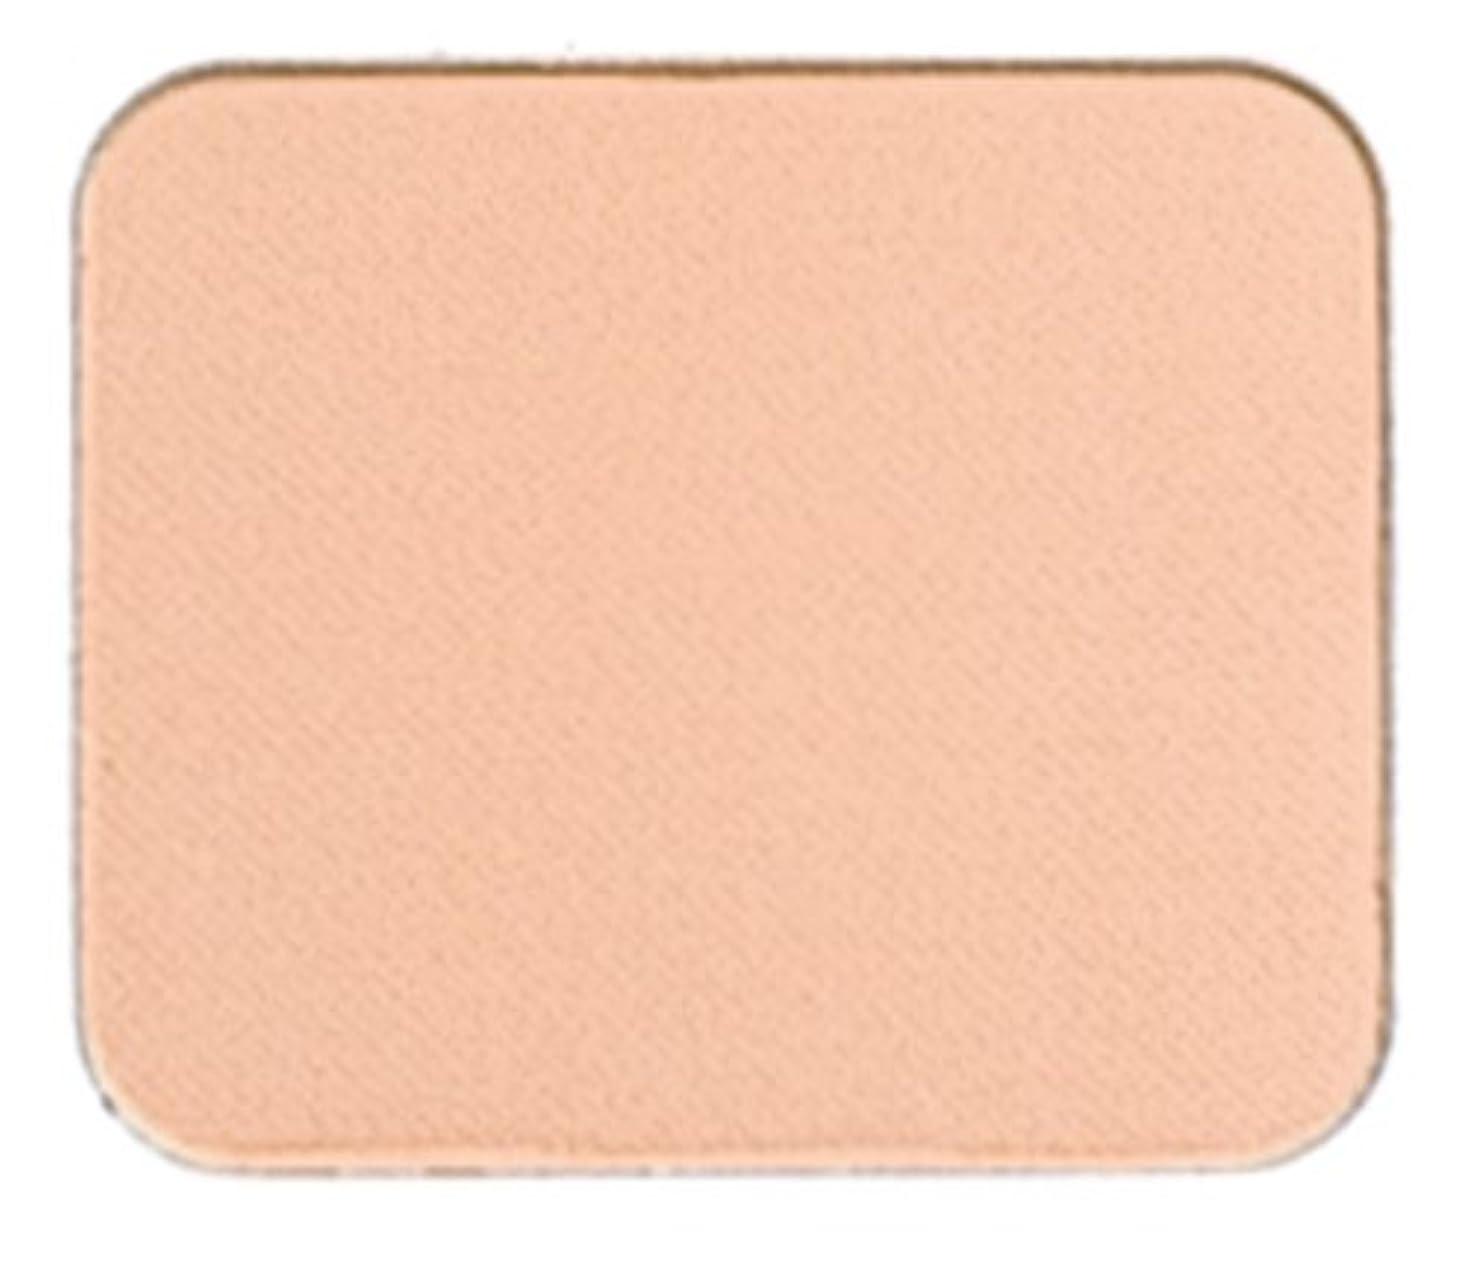 お風呂いくつかの殺しますドクターシーラボ BBパーフェクト ファンデーション WHITE377プラス レフィル ナチュラル2 (平均的な肌色) 12g SPF25 PA++